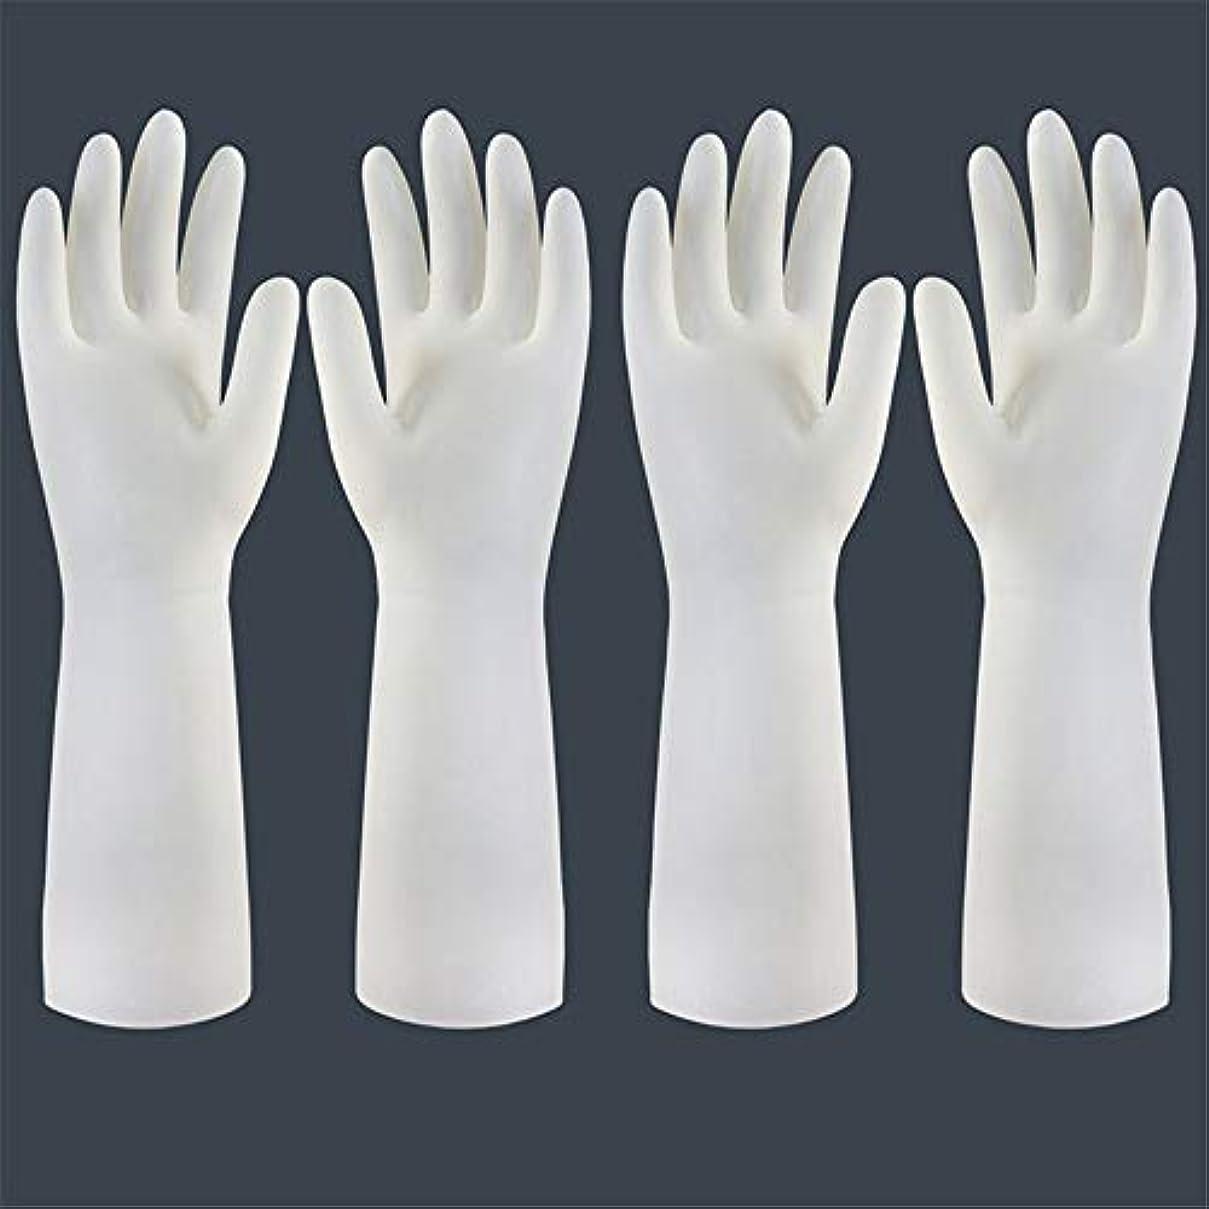 兵士一掃する解凍する、雪解け、霜解け使い捨て手袋 使い捨て手袋の防水および耐久のゴム製台所手袋、小/中/大 ニトリルゴム手袋 (Color : Long-2 pair, Size : S)